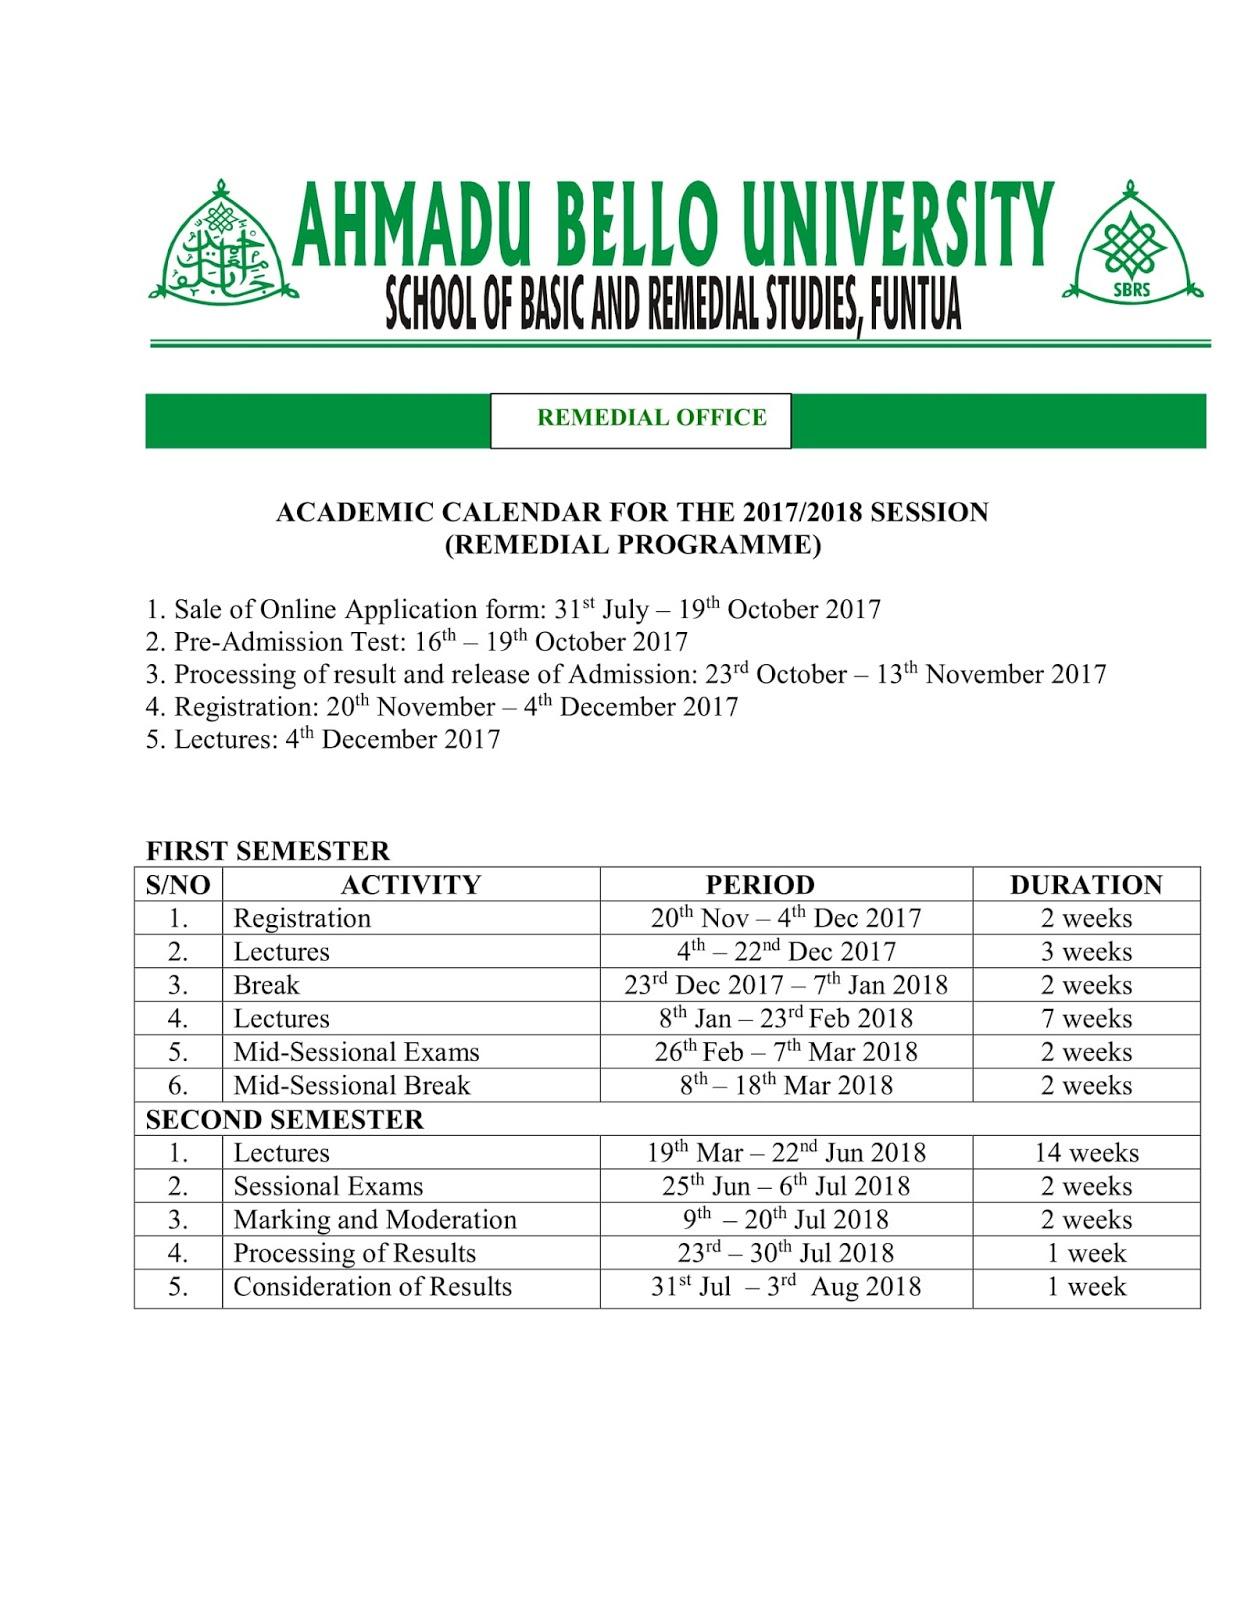 SBRS Funtua 2017/2018 Academic Calendar Schedule Out